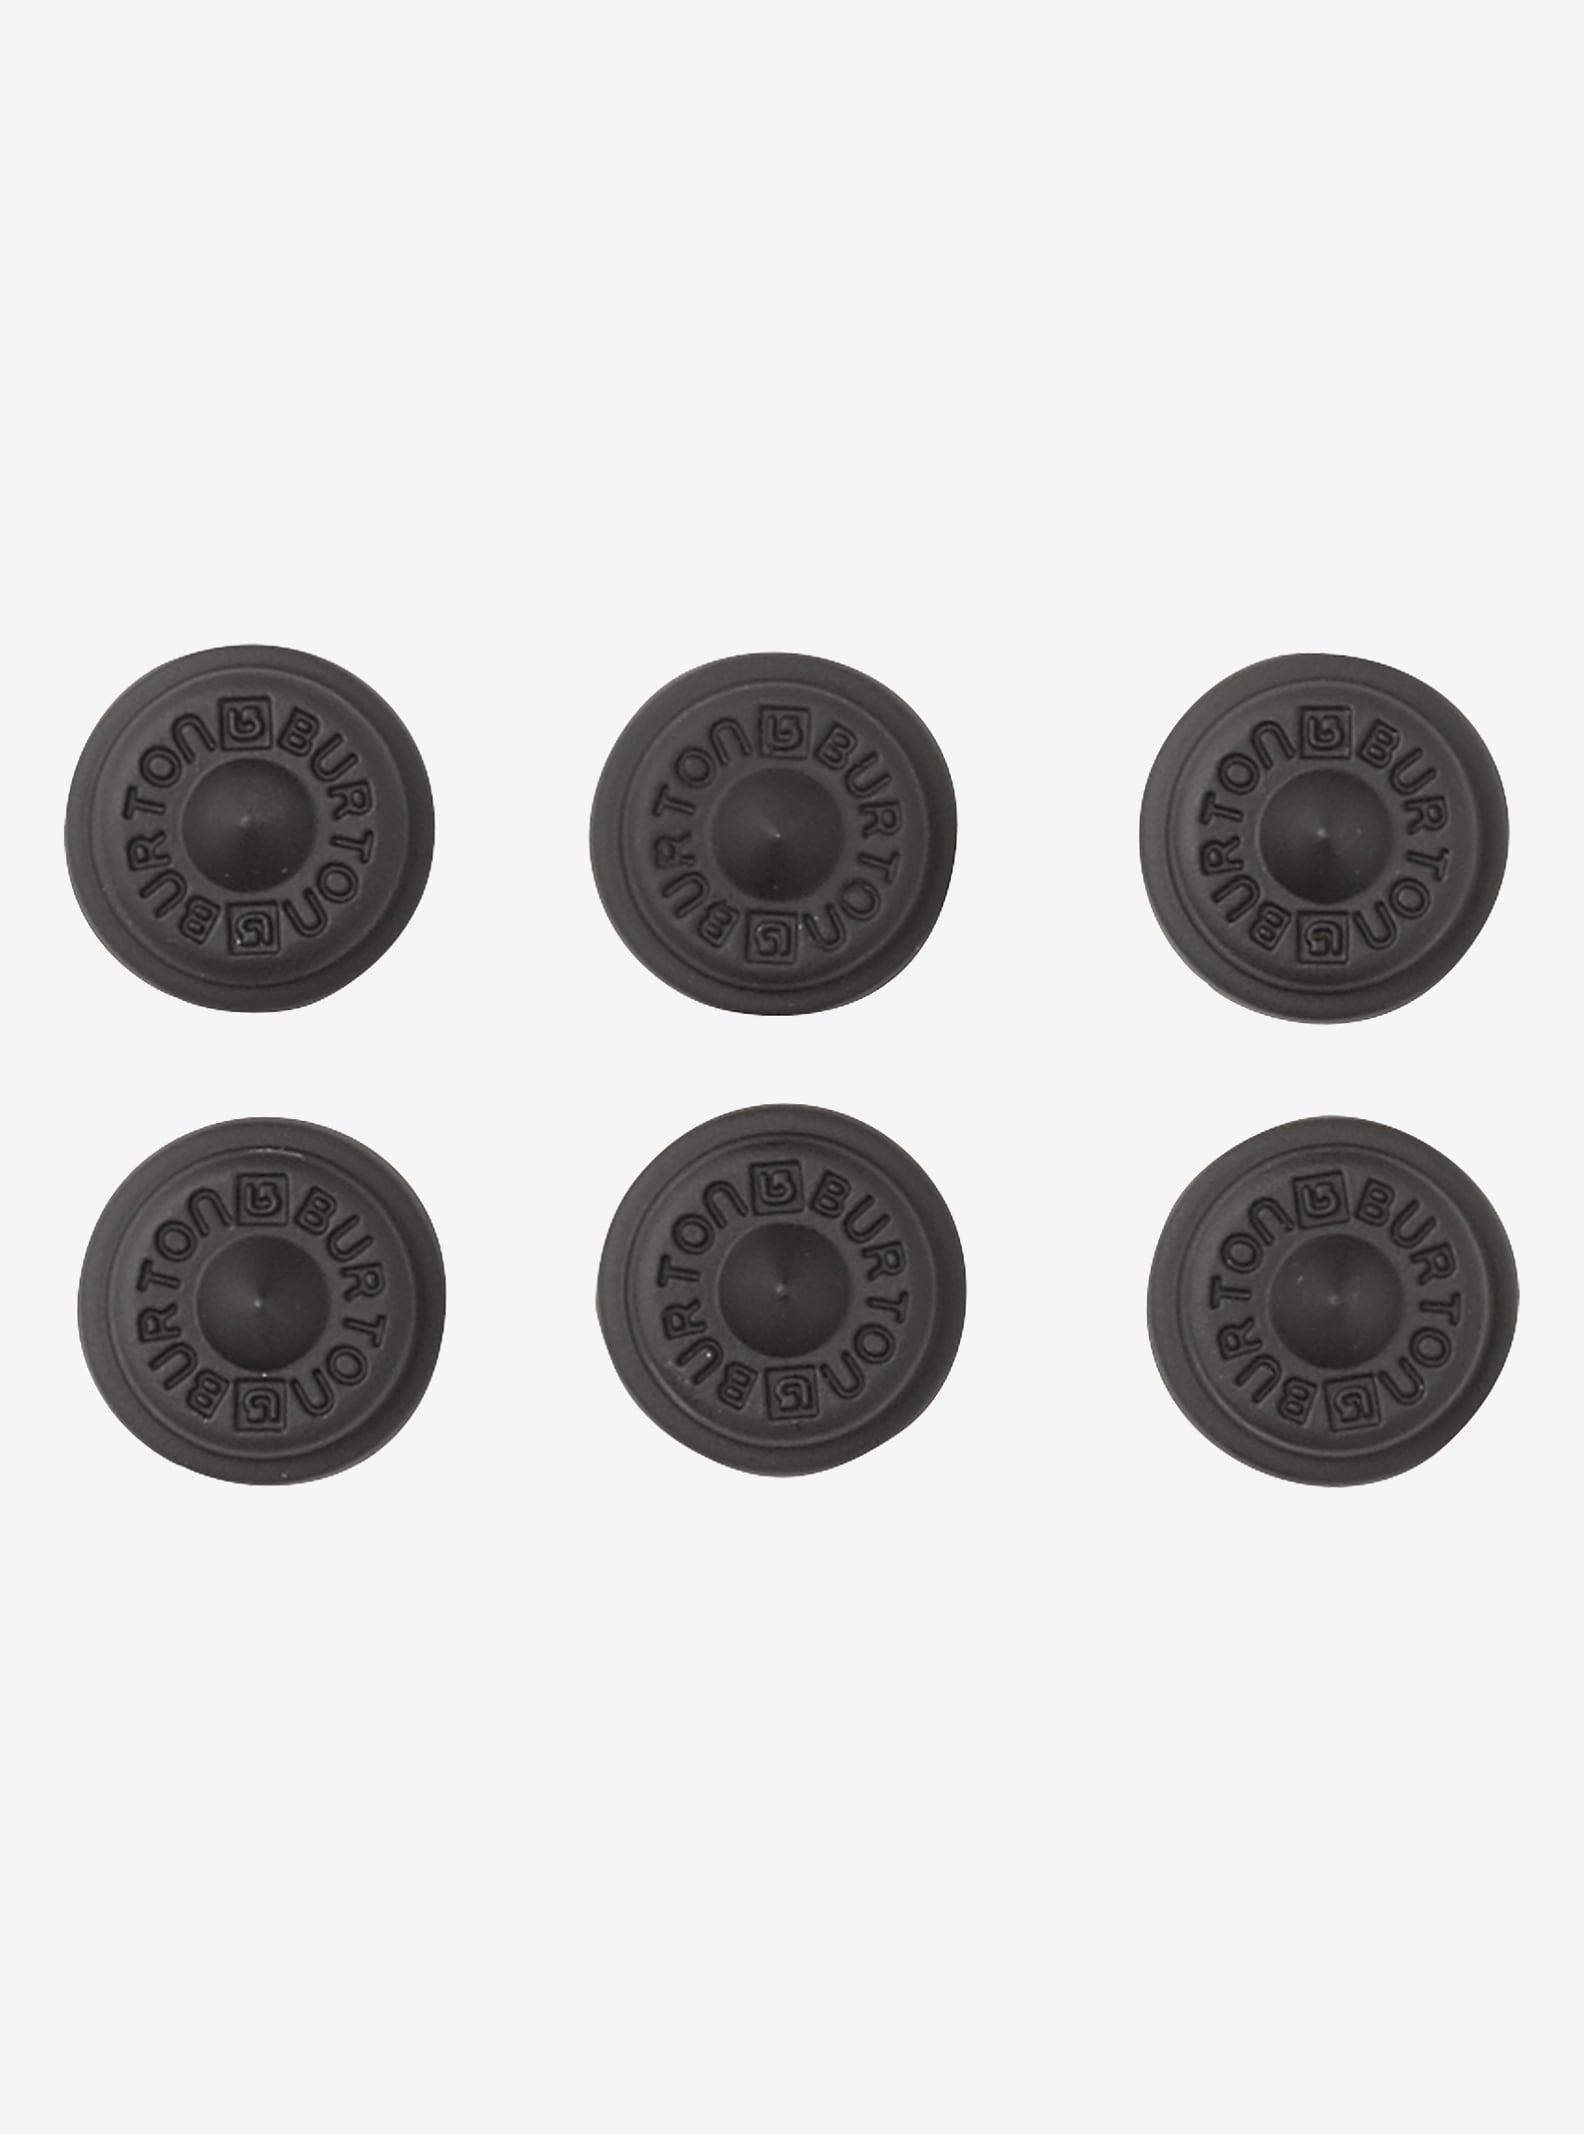 Burton Aluminum Stud Stomp Pad shown in Black